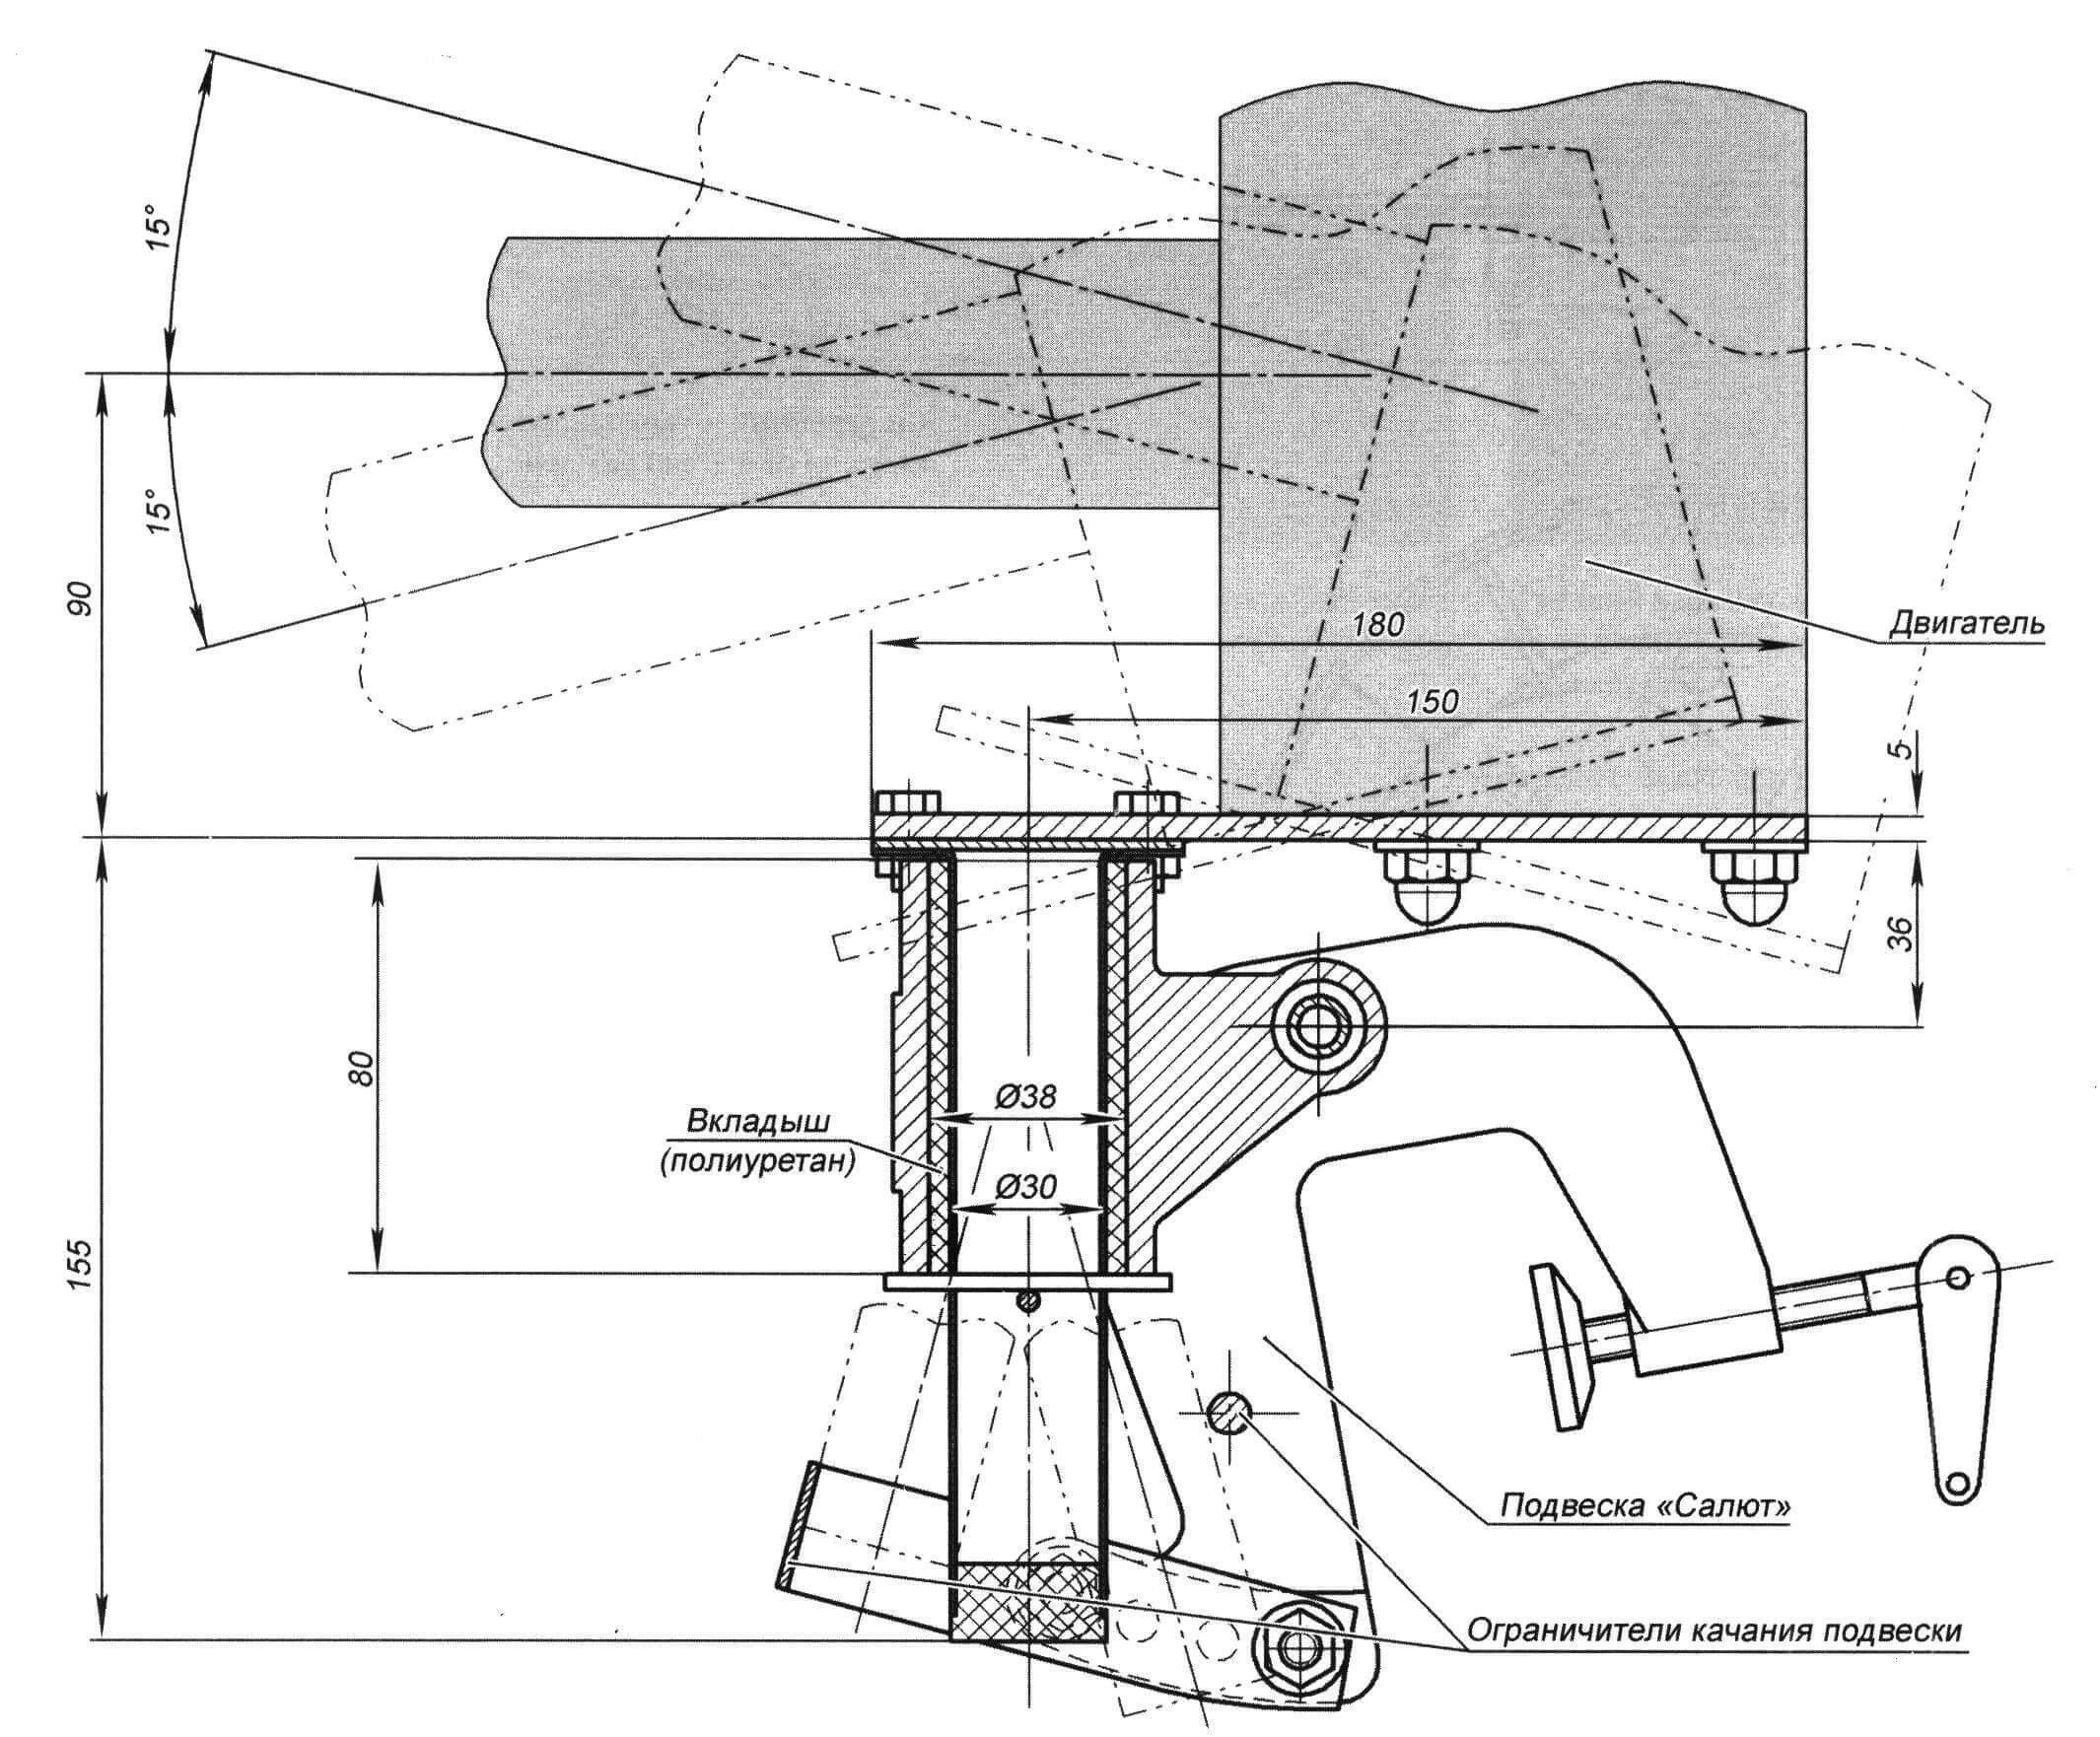 Конструкция подвески мотор-весла